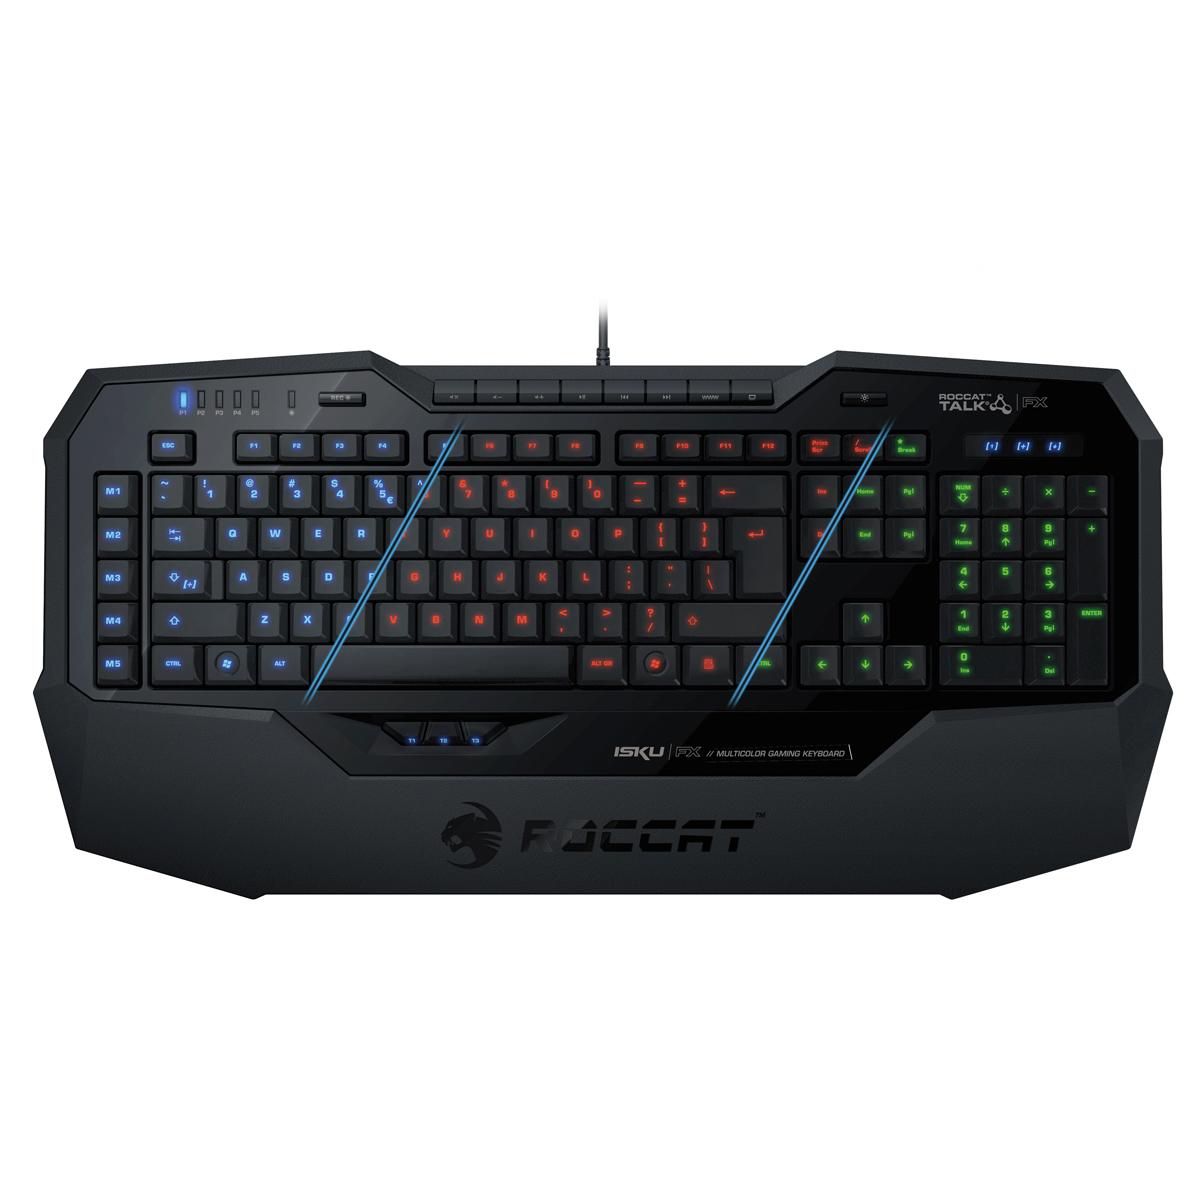 Clavier PC ROCCAT Isku FX (noir) Clavier pour gamer avec système de rétro-éclairage personnalisable (AZERTY, Français)